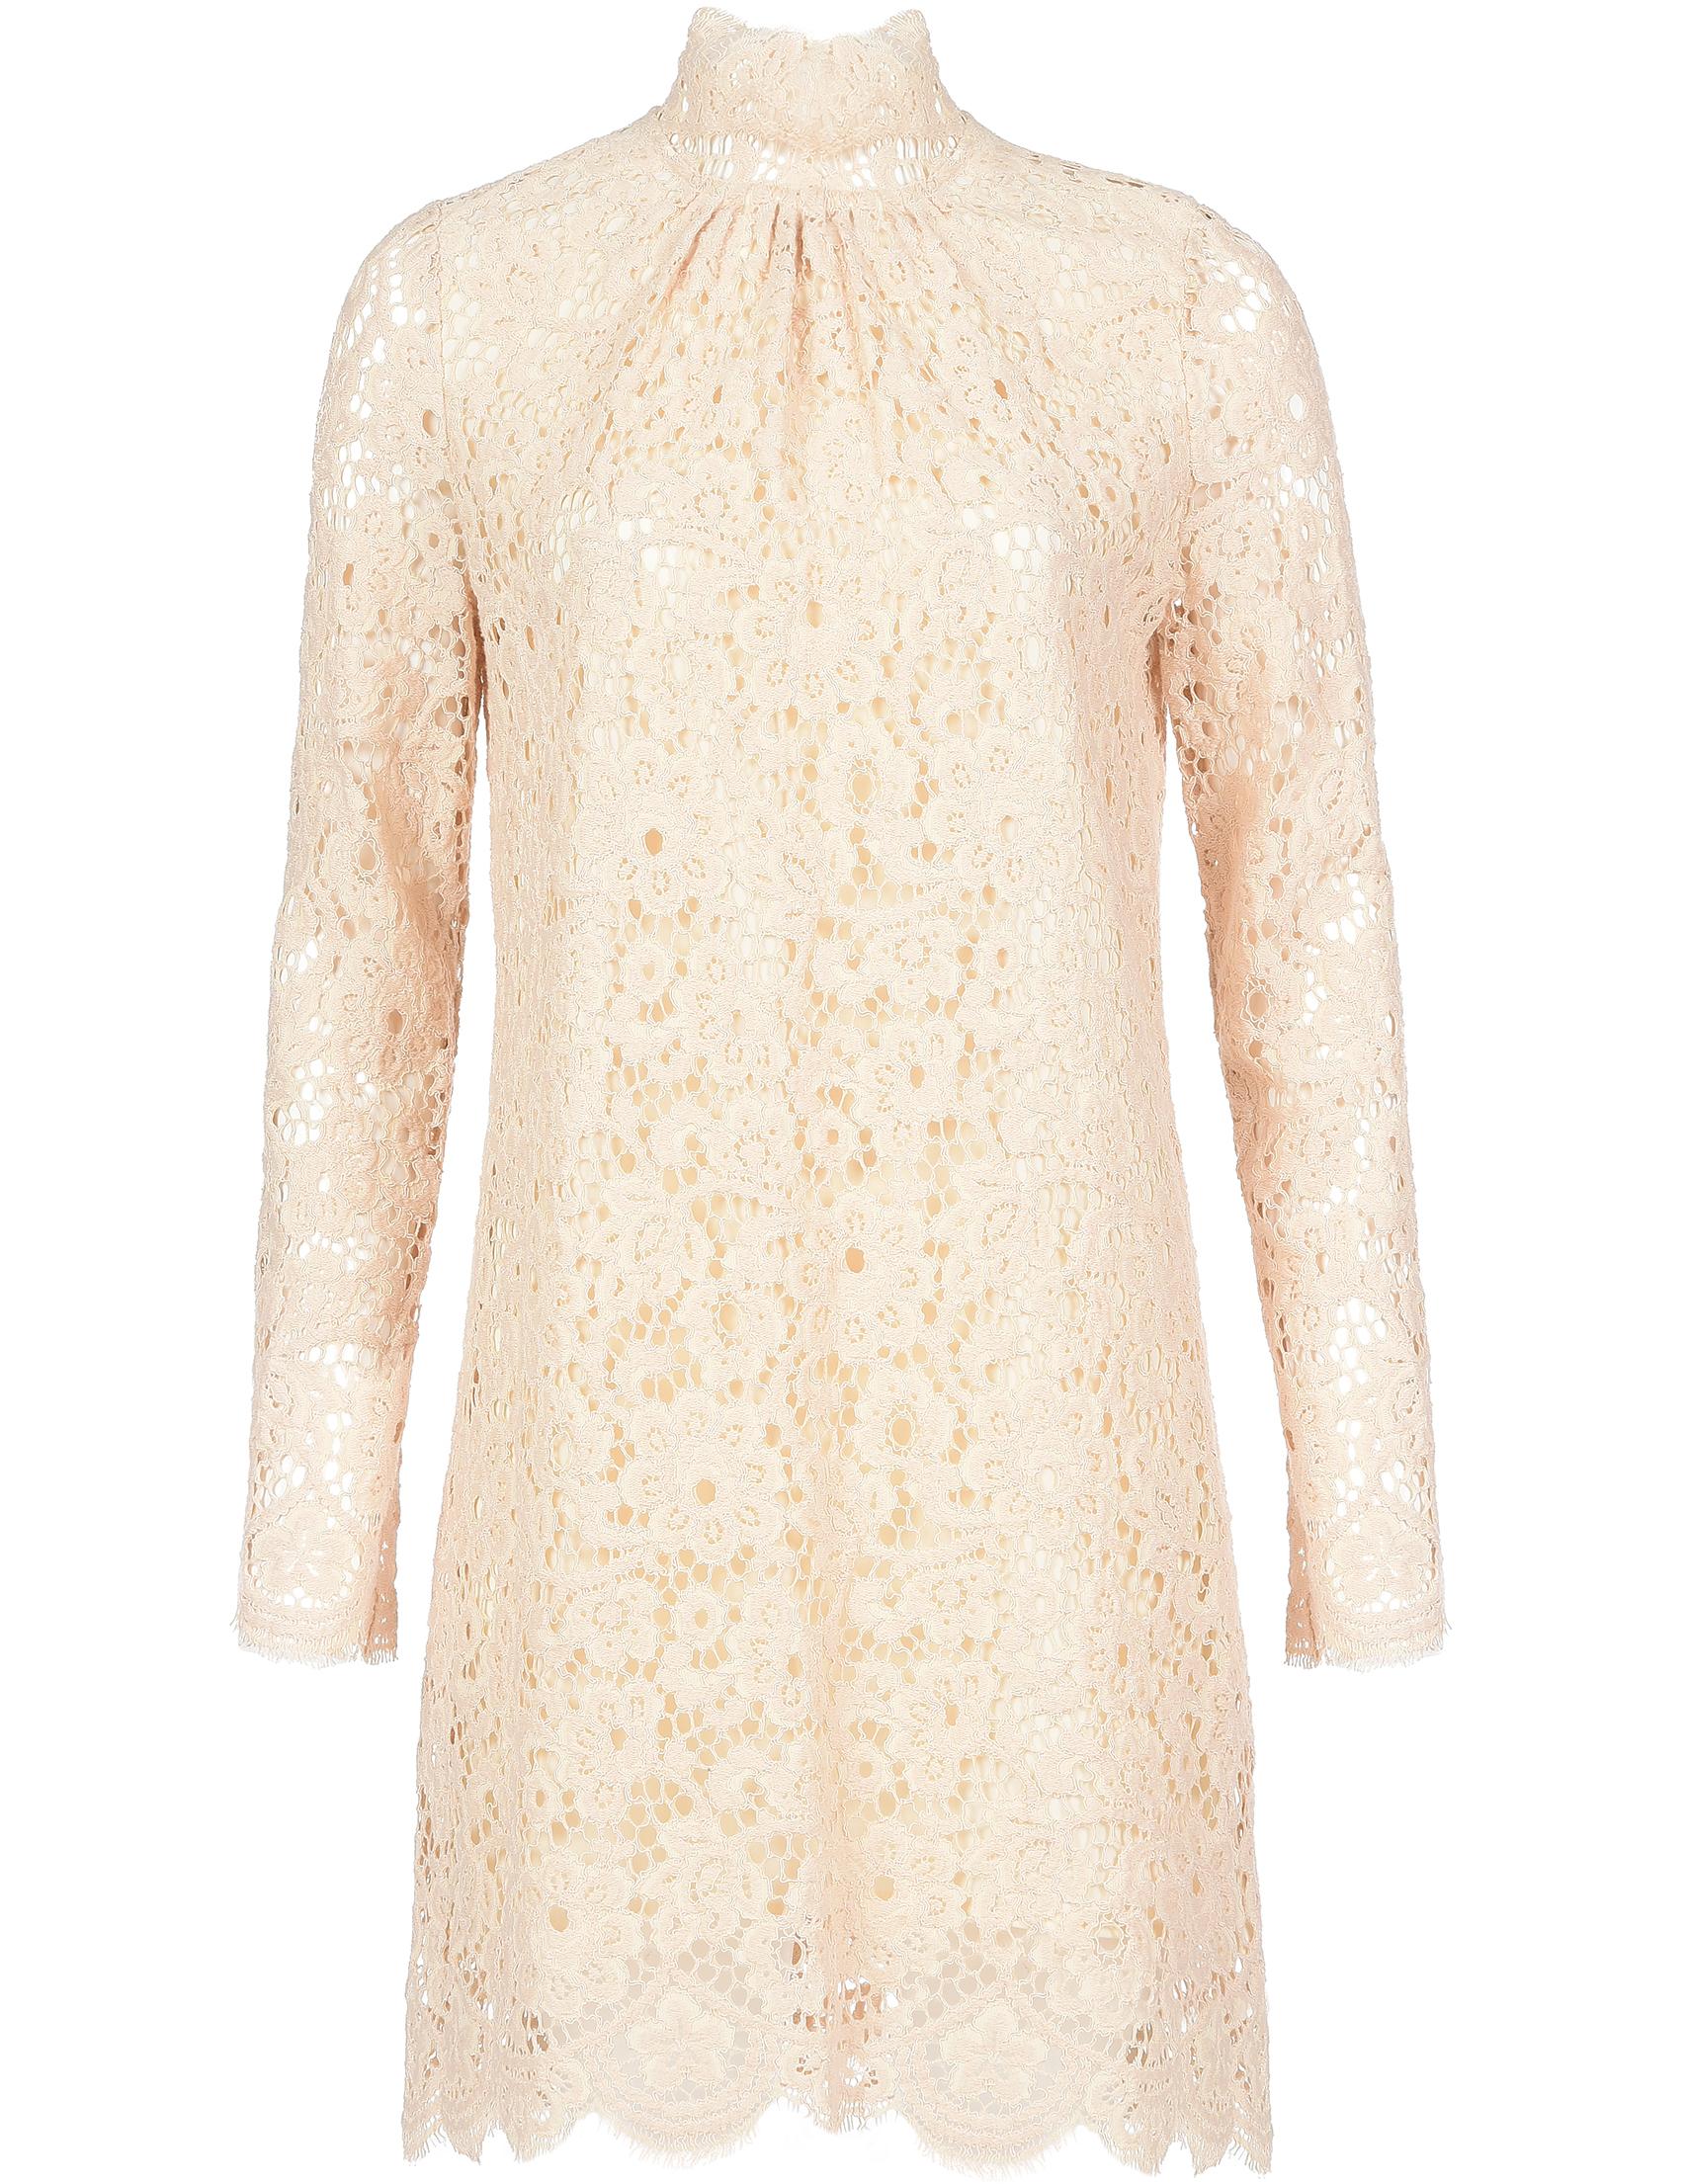 Купить Платье, TWIN-SET, Бежевый, 56%Хлопок 30%Полиамид 14%Вискоза;100%Полиэстер, Осень-Зима